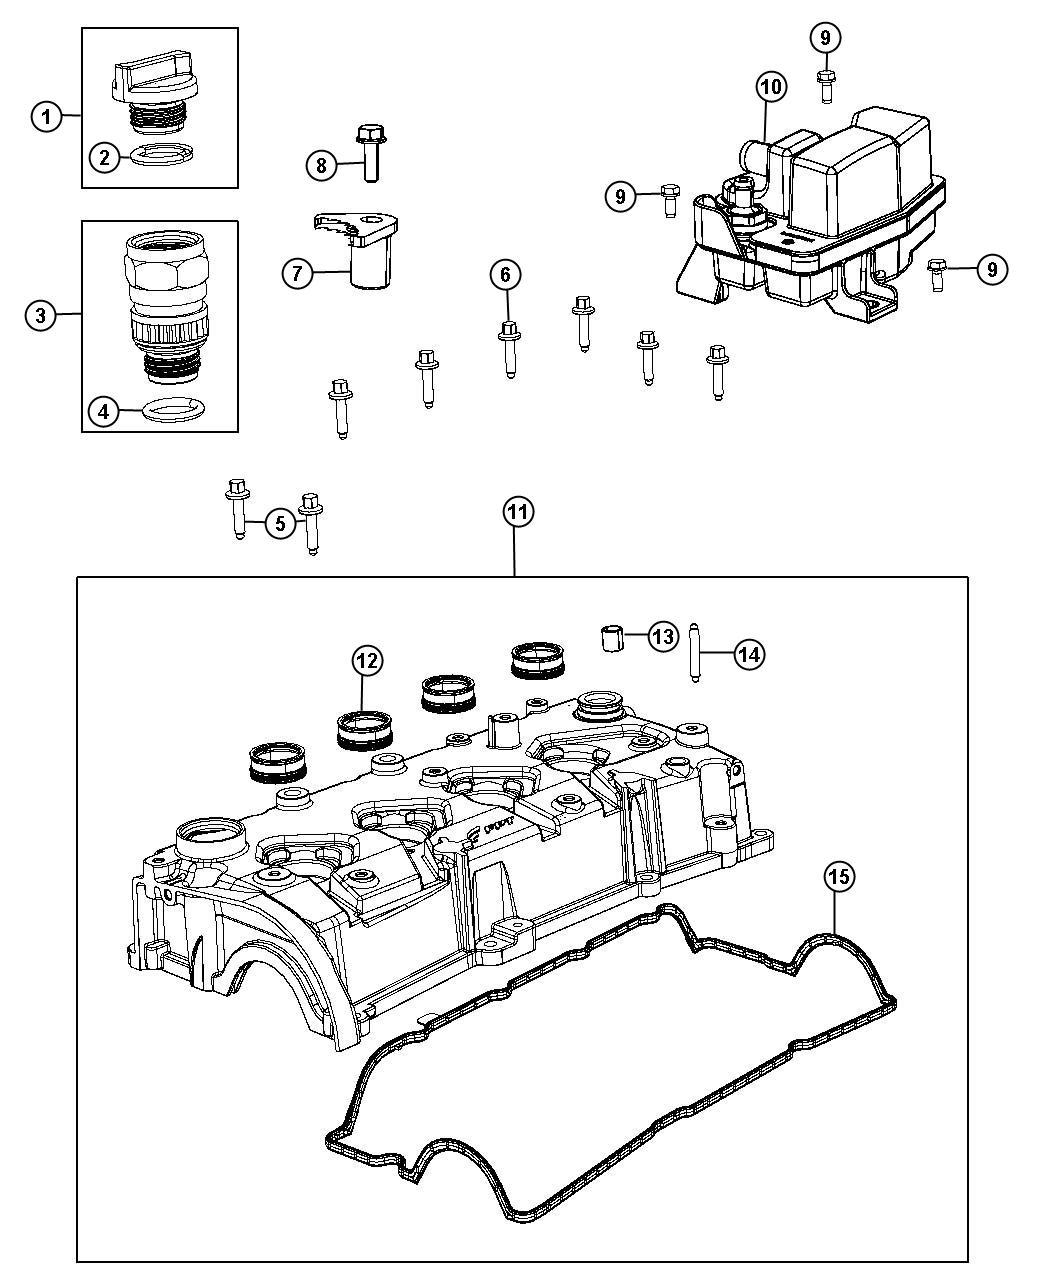 2013 Dodge Dart Separator. Engine oil. Illustration, refer